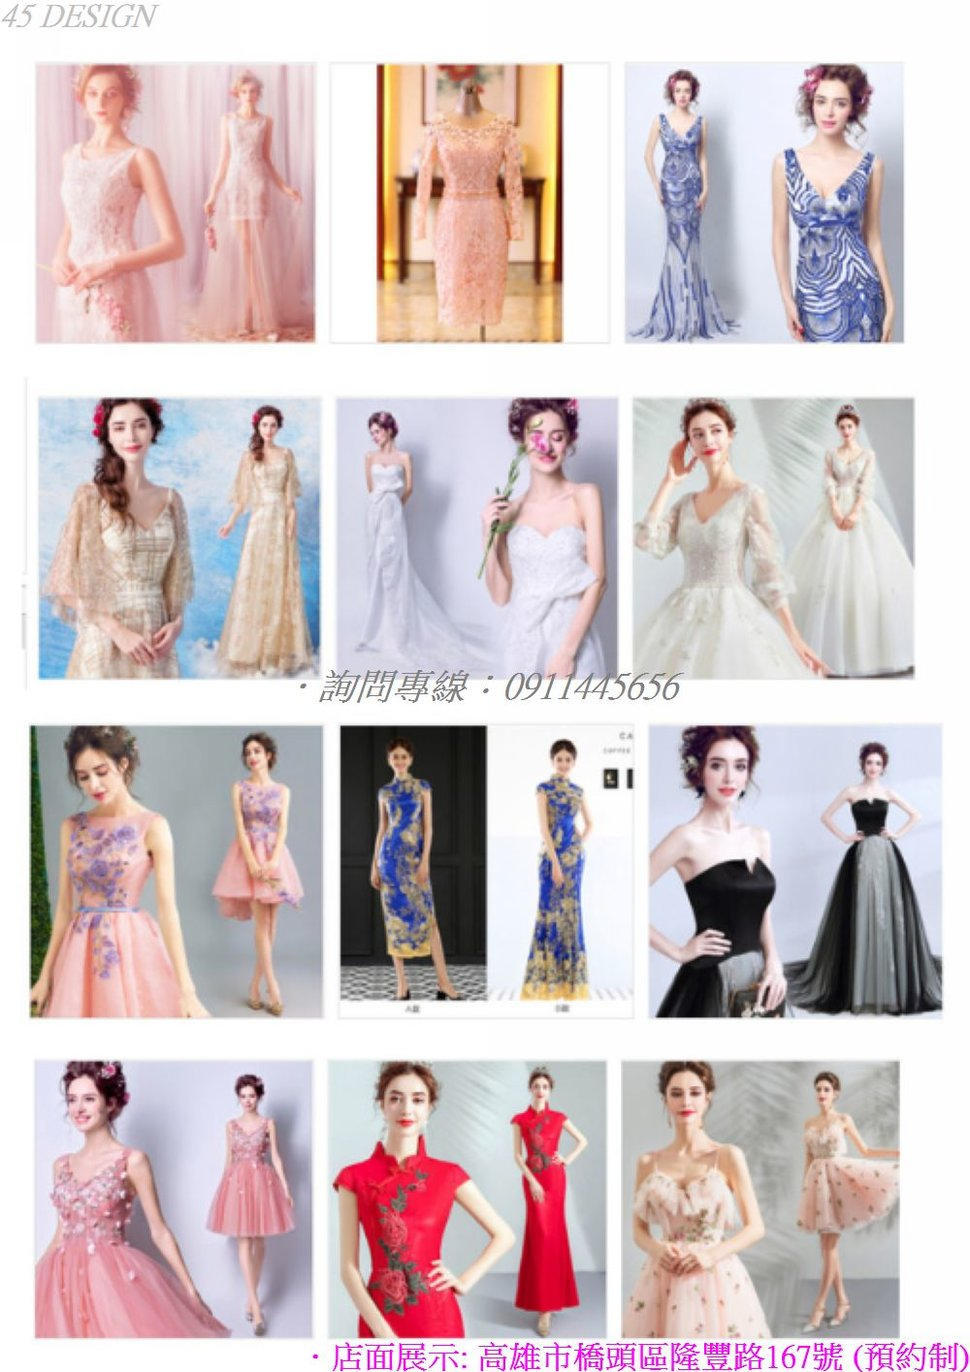 msl190815FB0E452D340646A0AF3BC135C2A804DB - 全台最便宜-45DESIGN四五婚紗禮服《結婚吧》